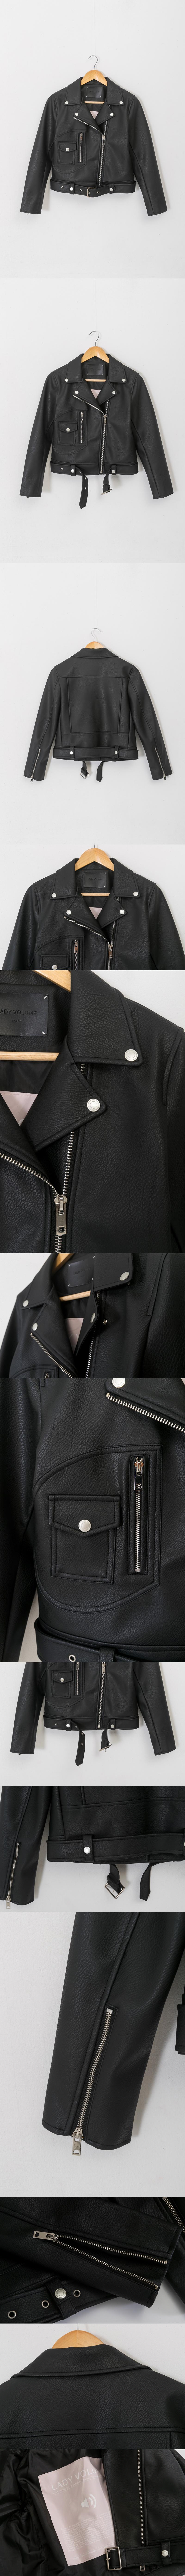 레이디 볼륨(LADY VOLUME) pocket riders jacket